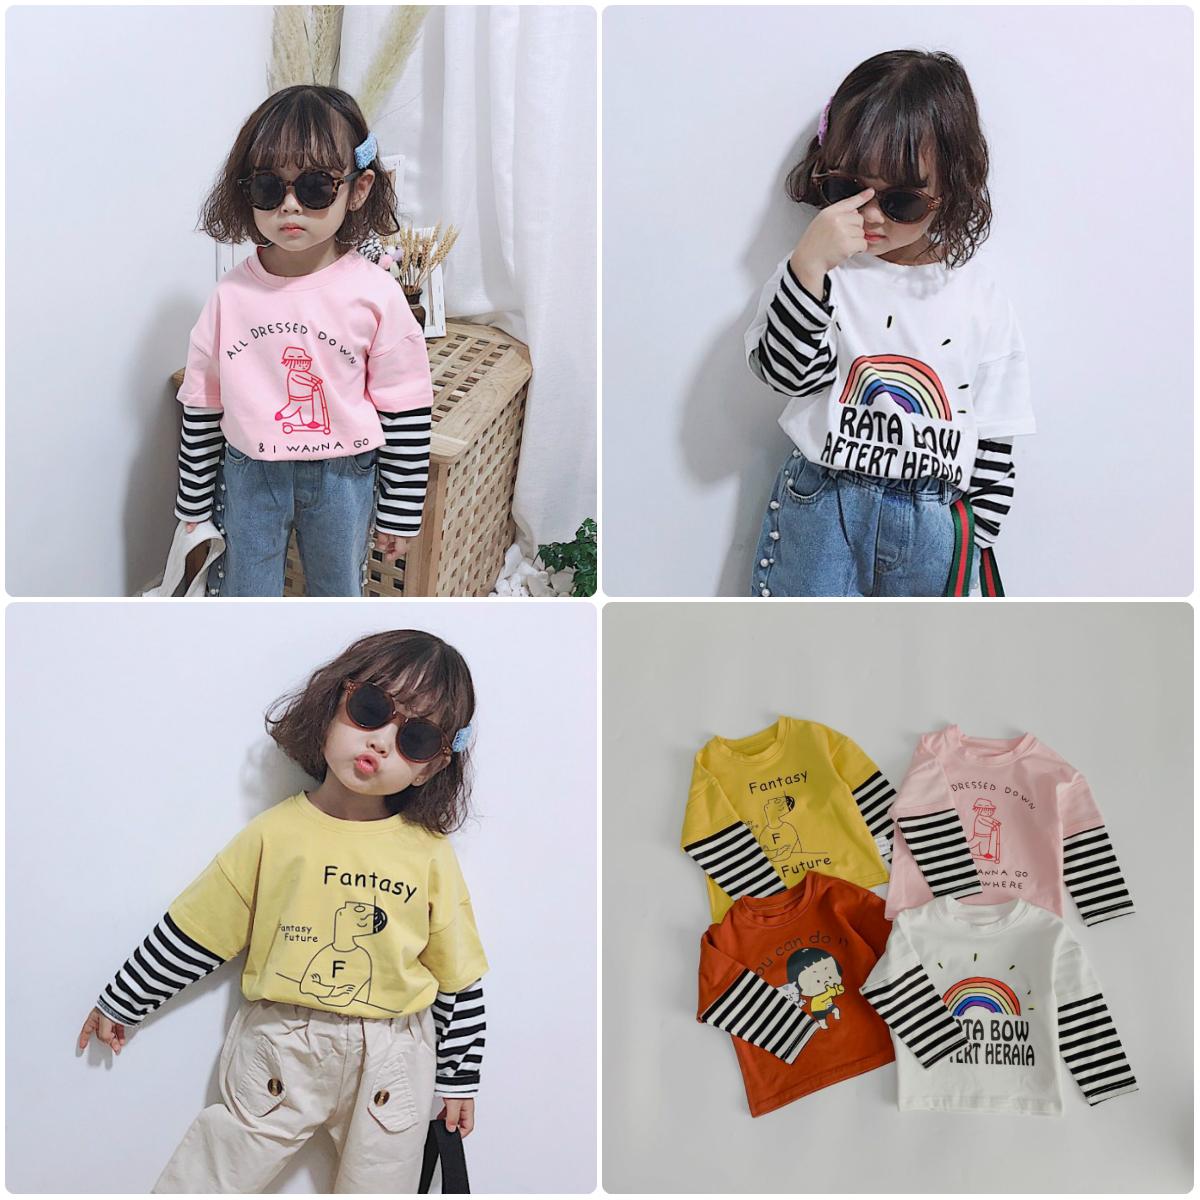 女童假两件卡通体恤衫 男宝宝长袖T恤纯棉打底衫休闲条纹圆领上衣